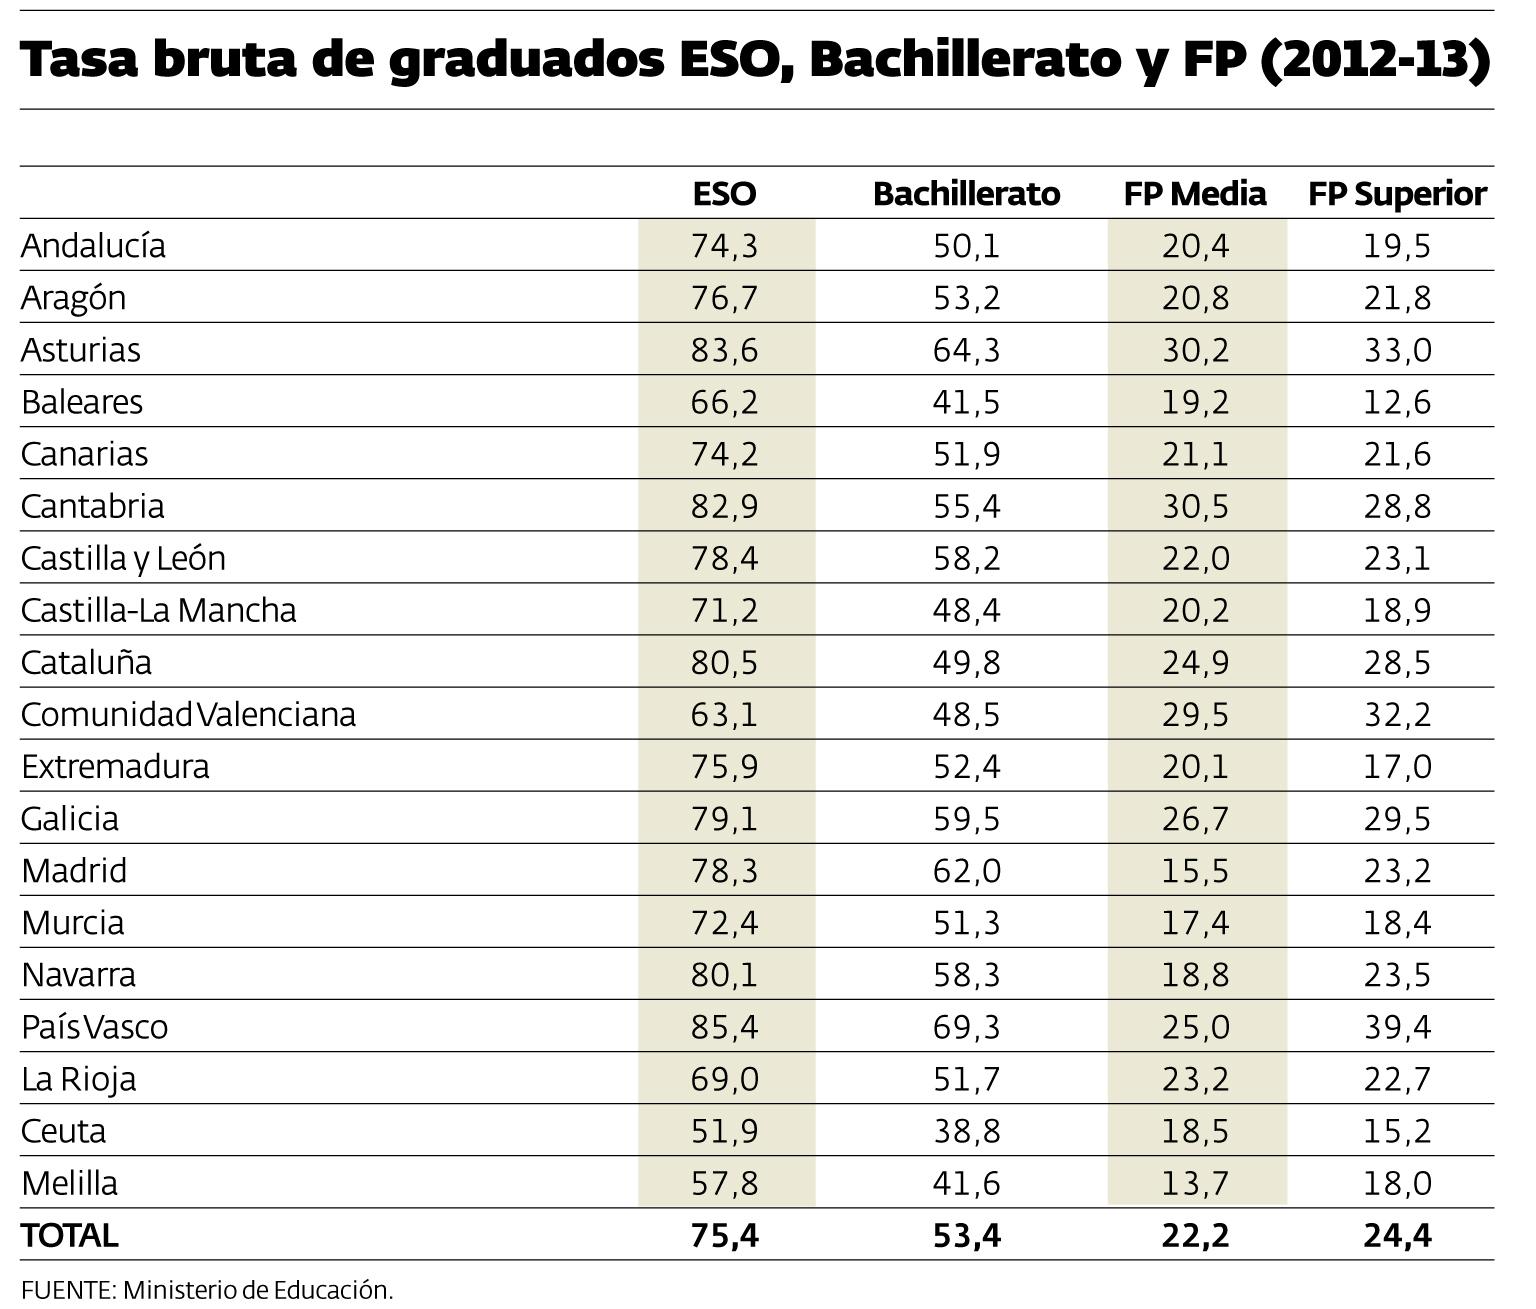 Los Graduados En Eso Alcanzan Las Cifras Más Altas Desde La